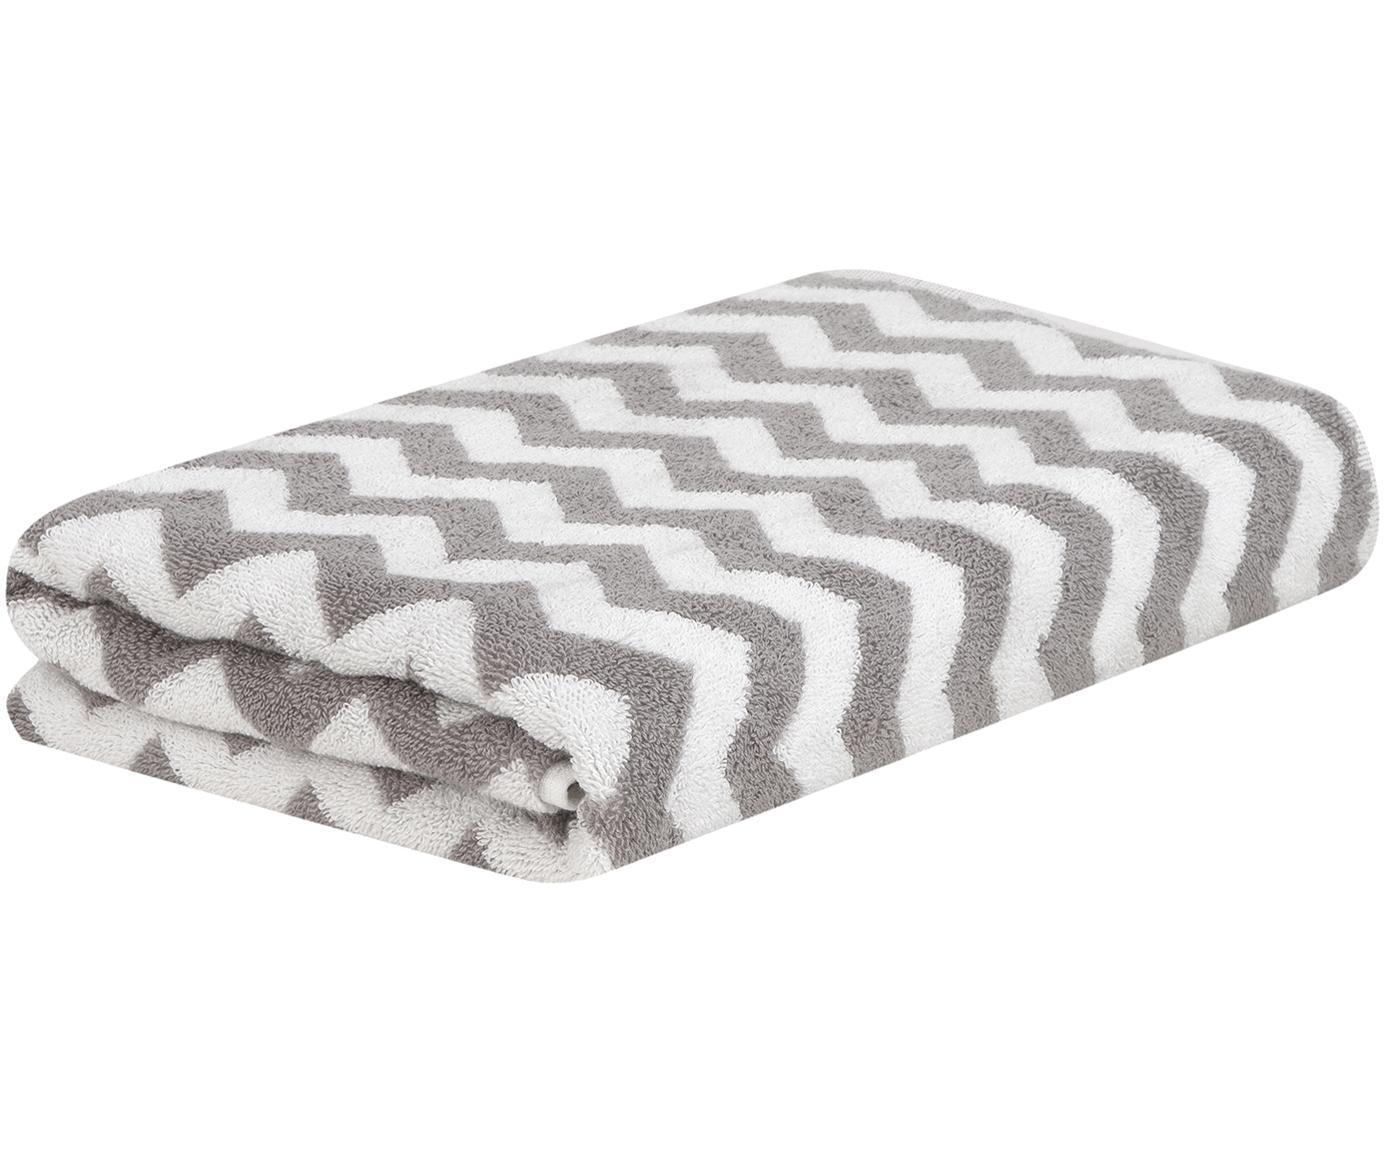 Ręcznik Liv, Taupe, kremowobiały, Ręcznik do rąk